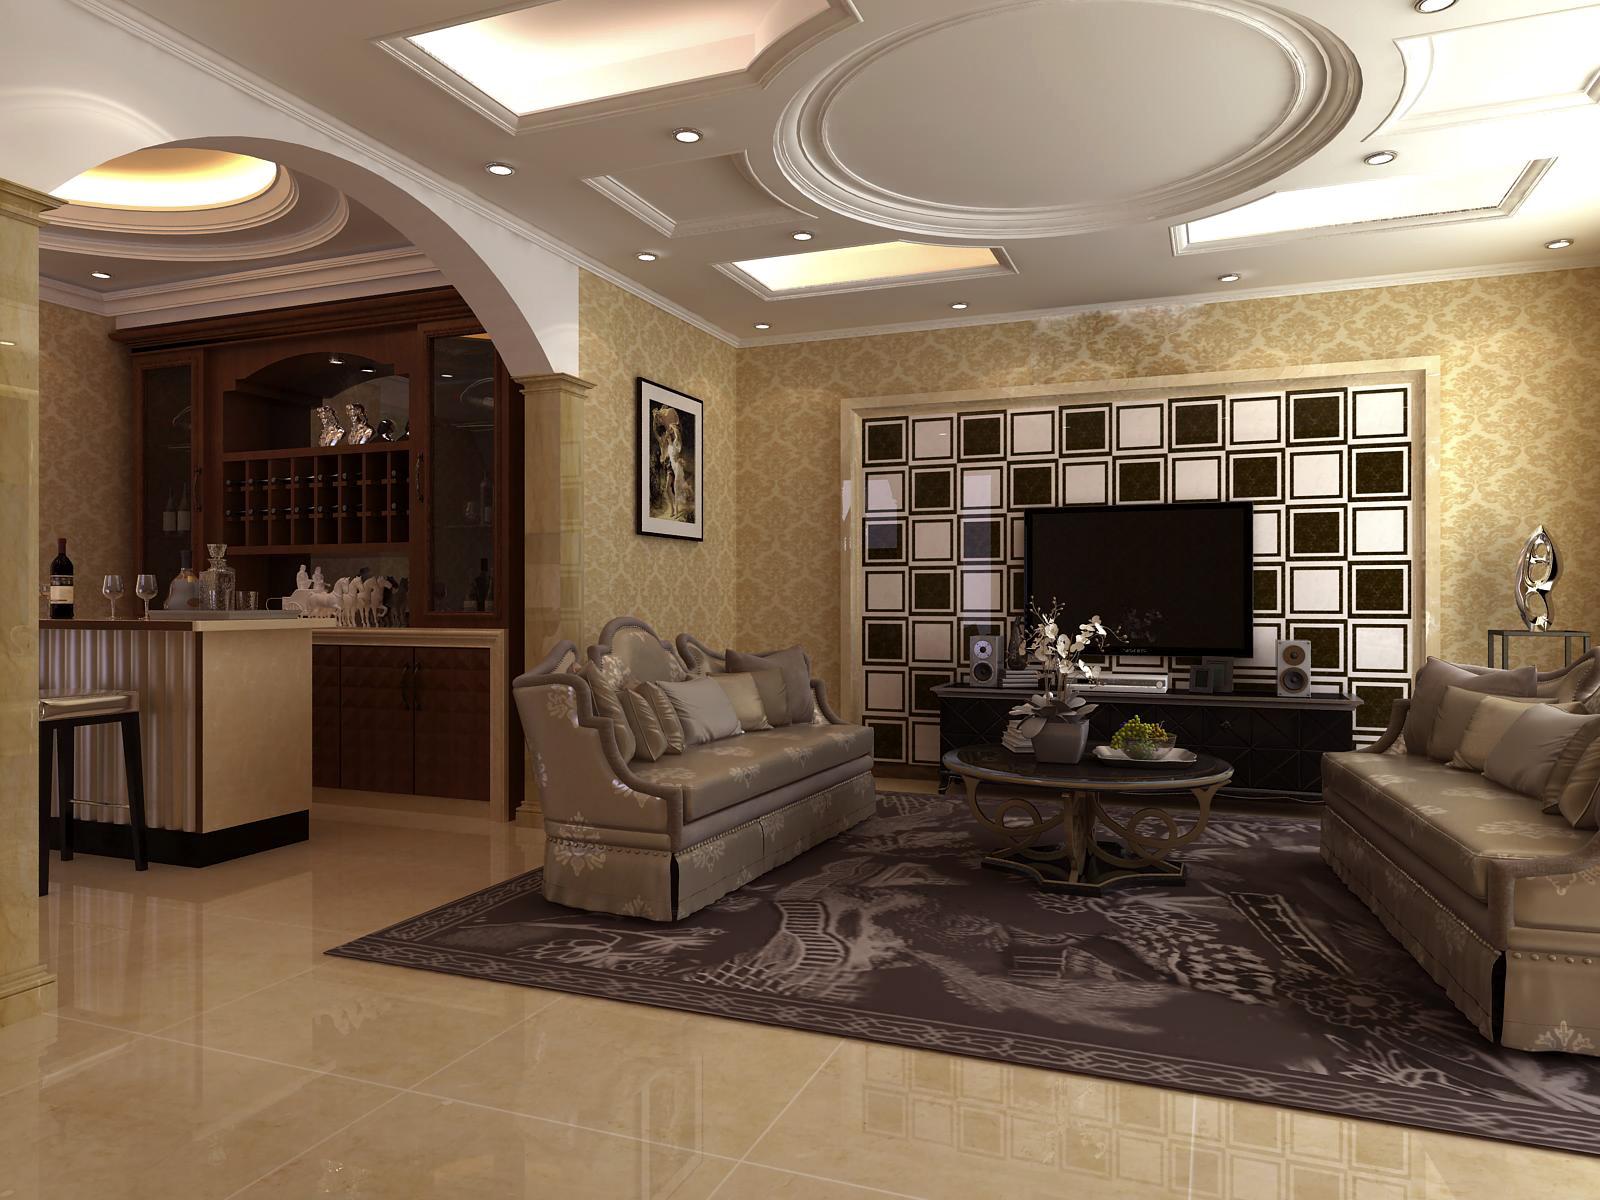 欧式 混搭 别墅 客厅图片来自设计精英在别墅设计的分享